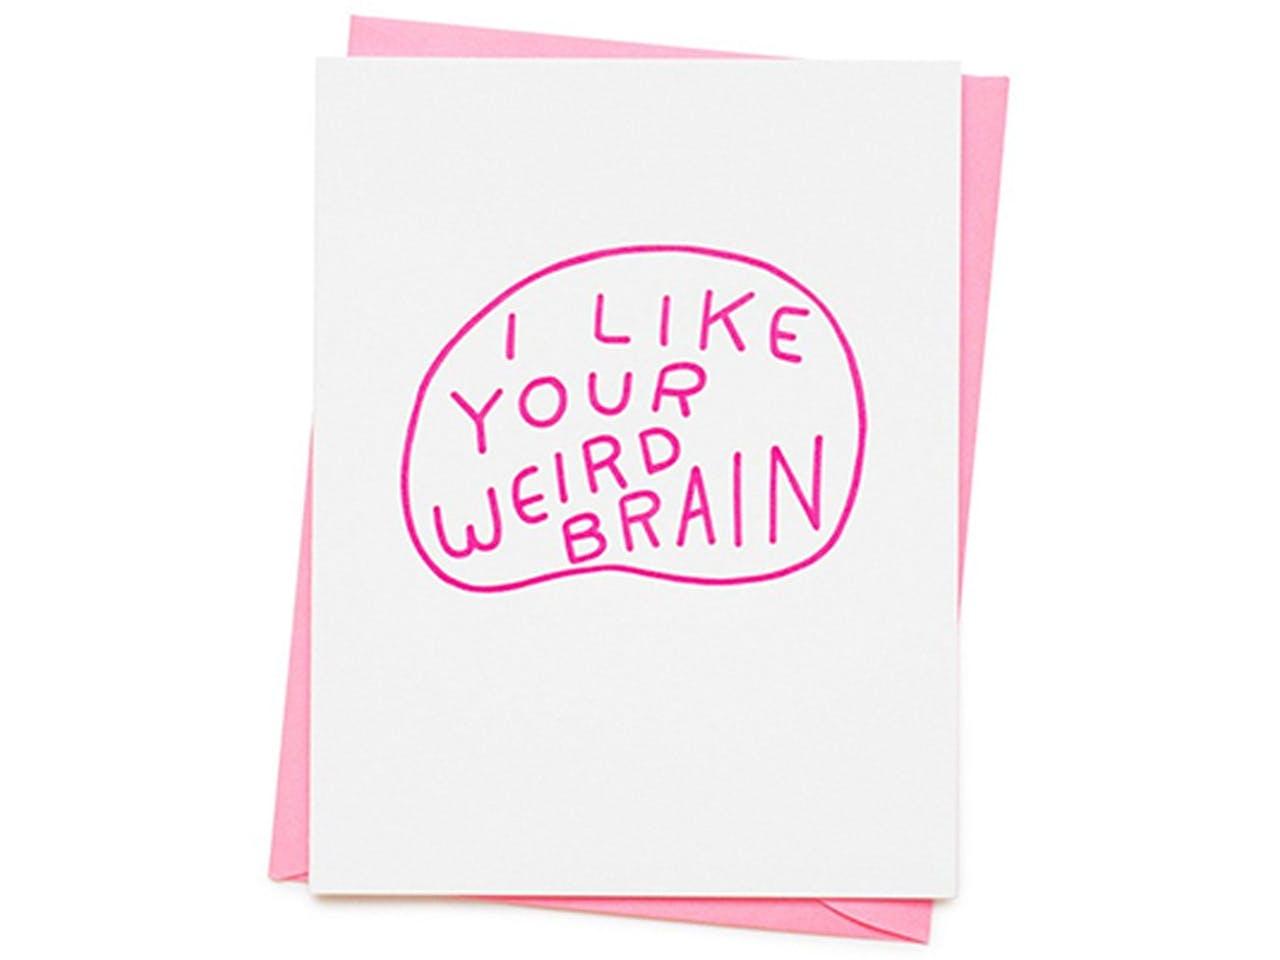 Ashkahn Grußkarte mit Kuvert, DIN A6/C6, Weird brain